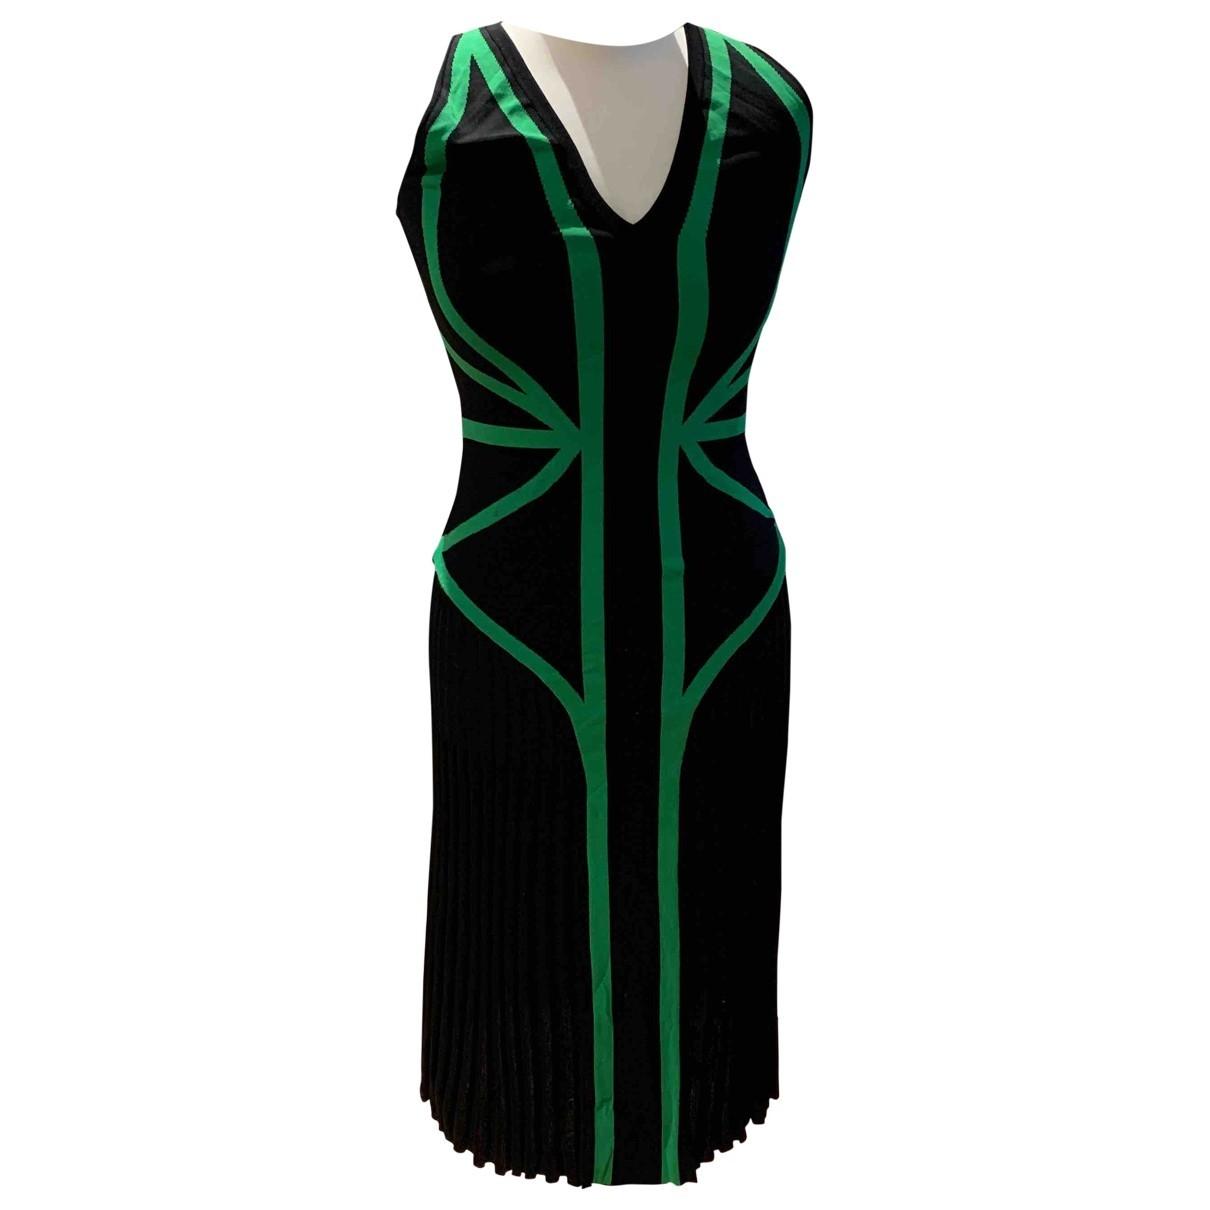 Alexander Mcqueen \N Kleid in  Gruen Baumwolle - Elasthan